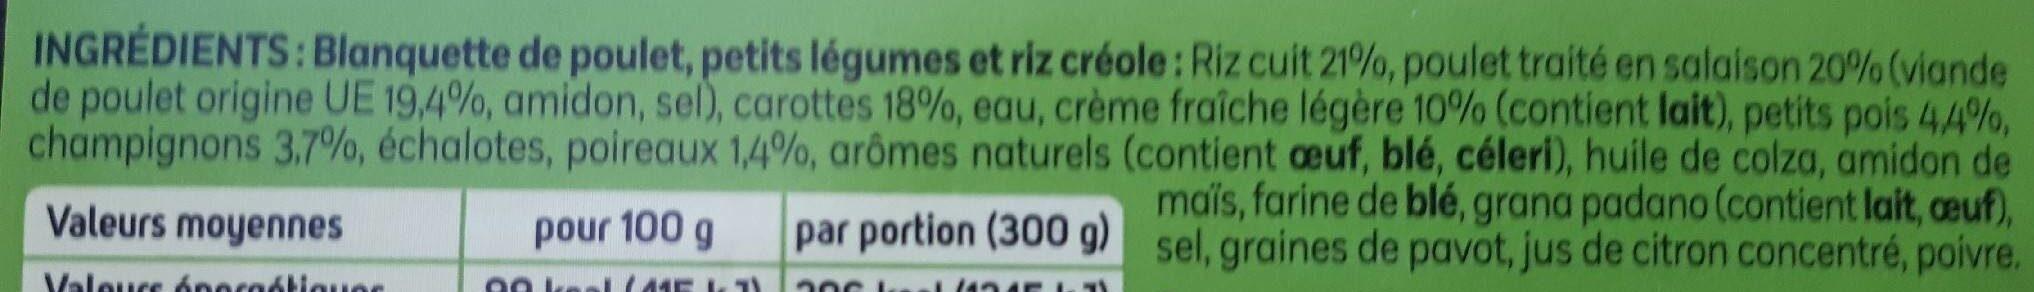 Blanquette de poulet, petits légumes et riz créole - Ingrédients